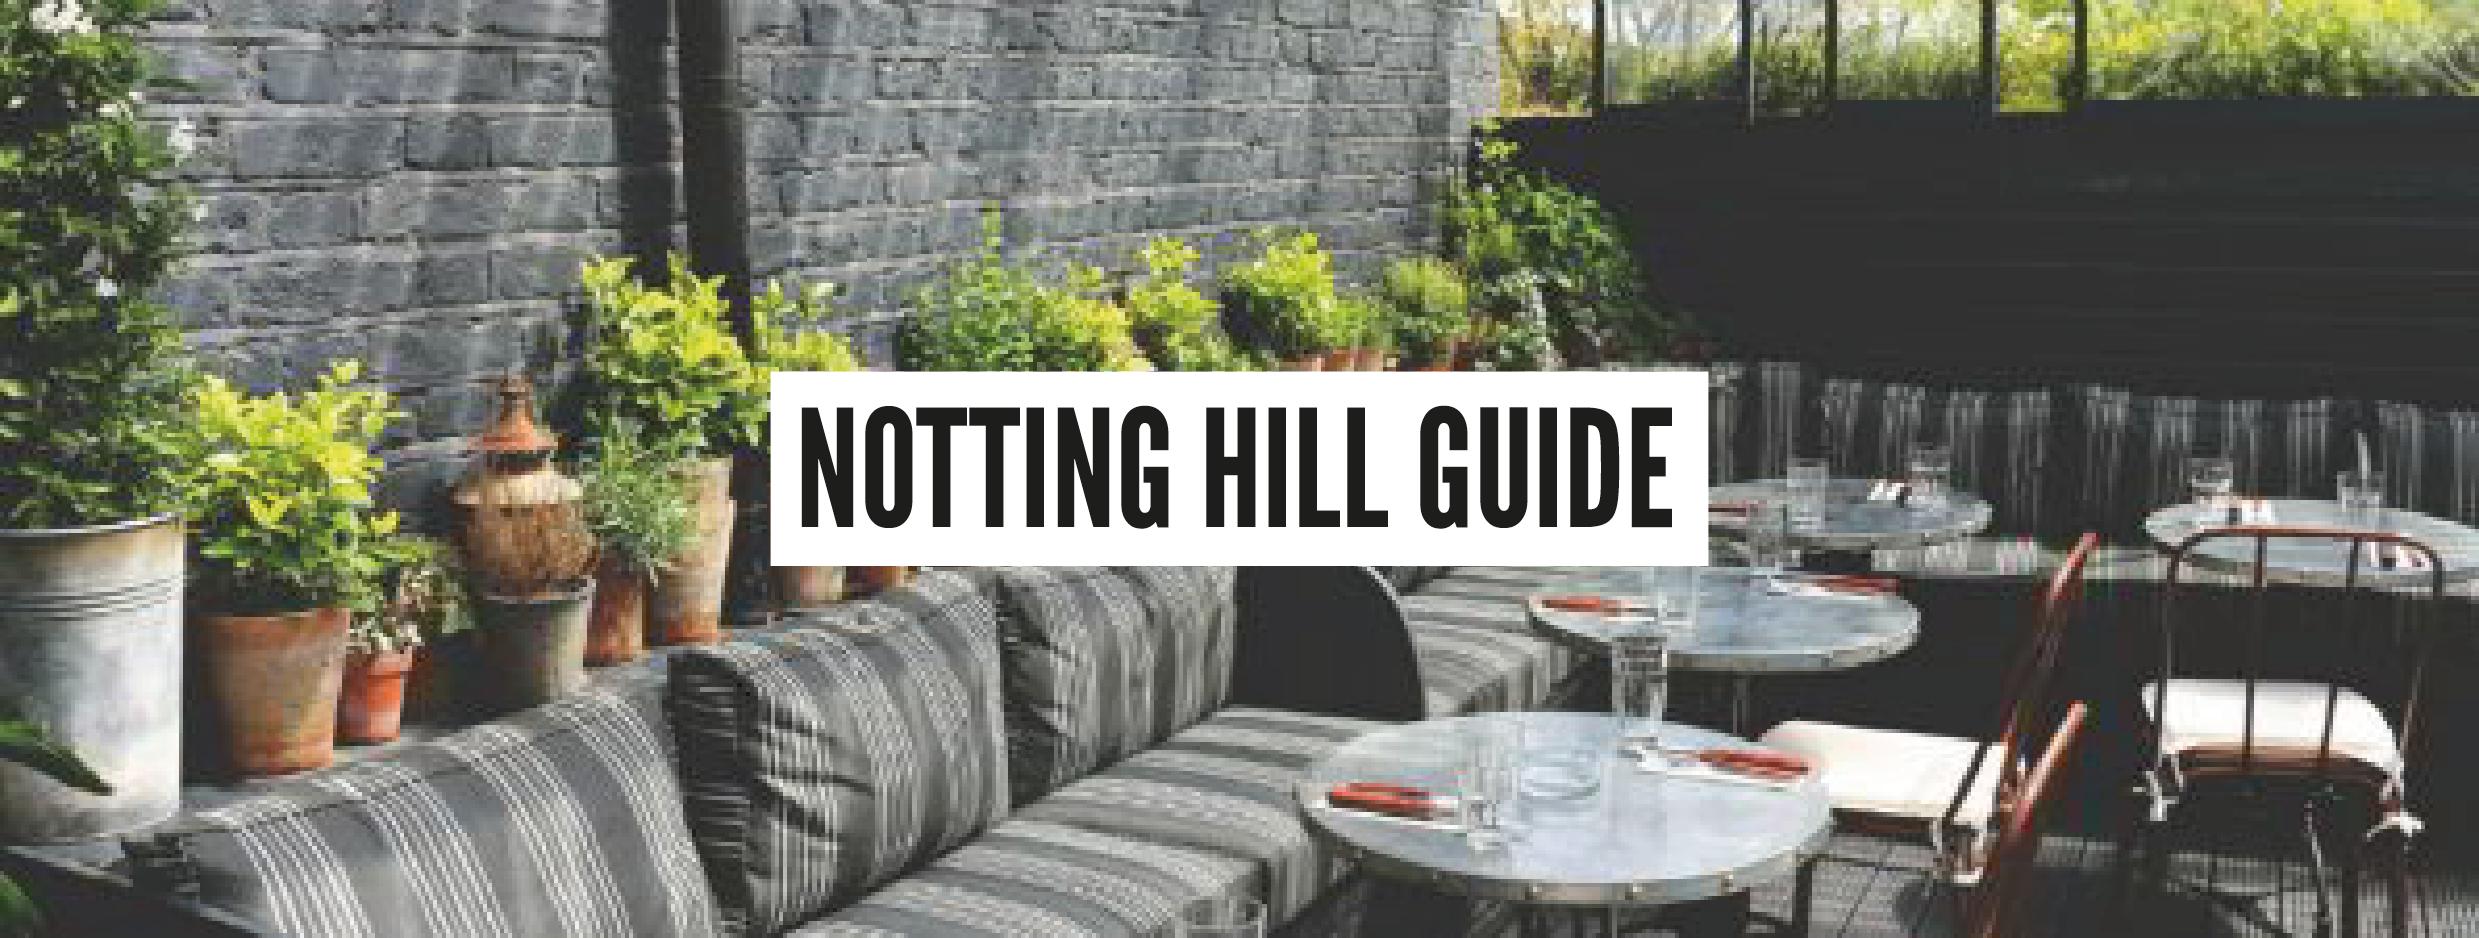 London Neighbourhood Guides - Notting Hill